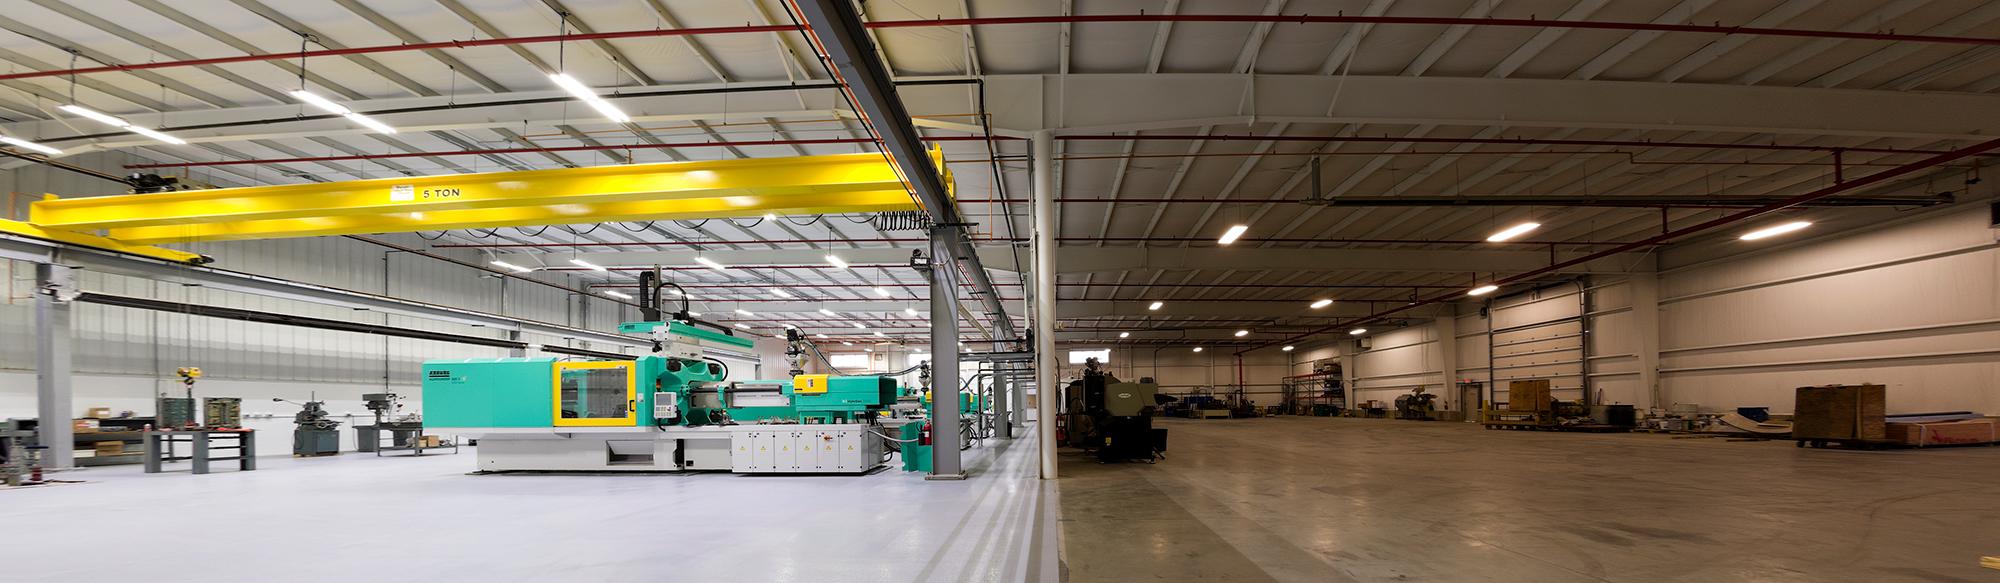 LED facility